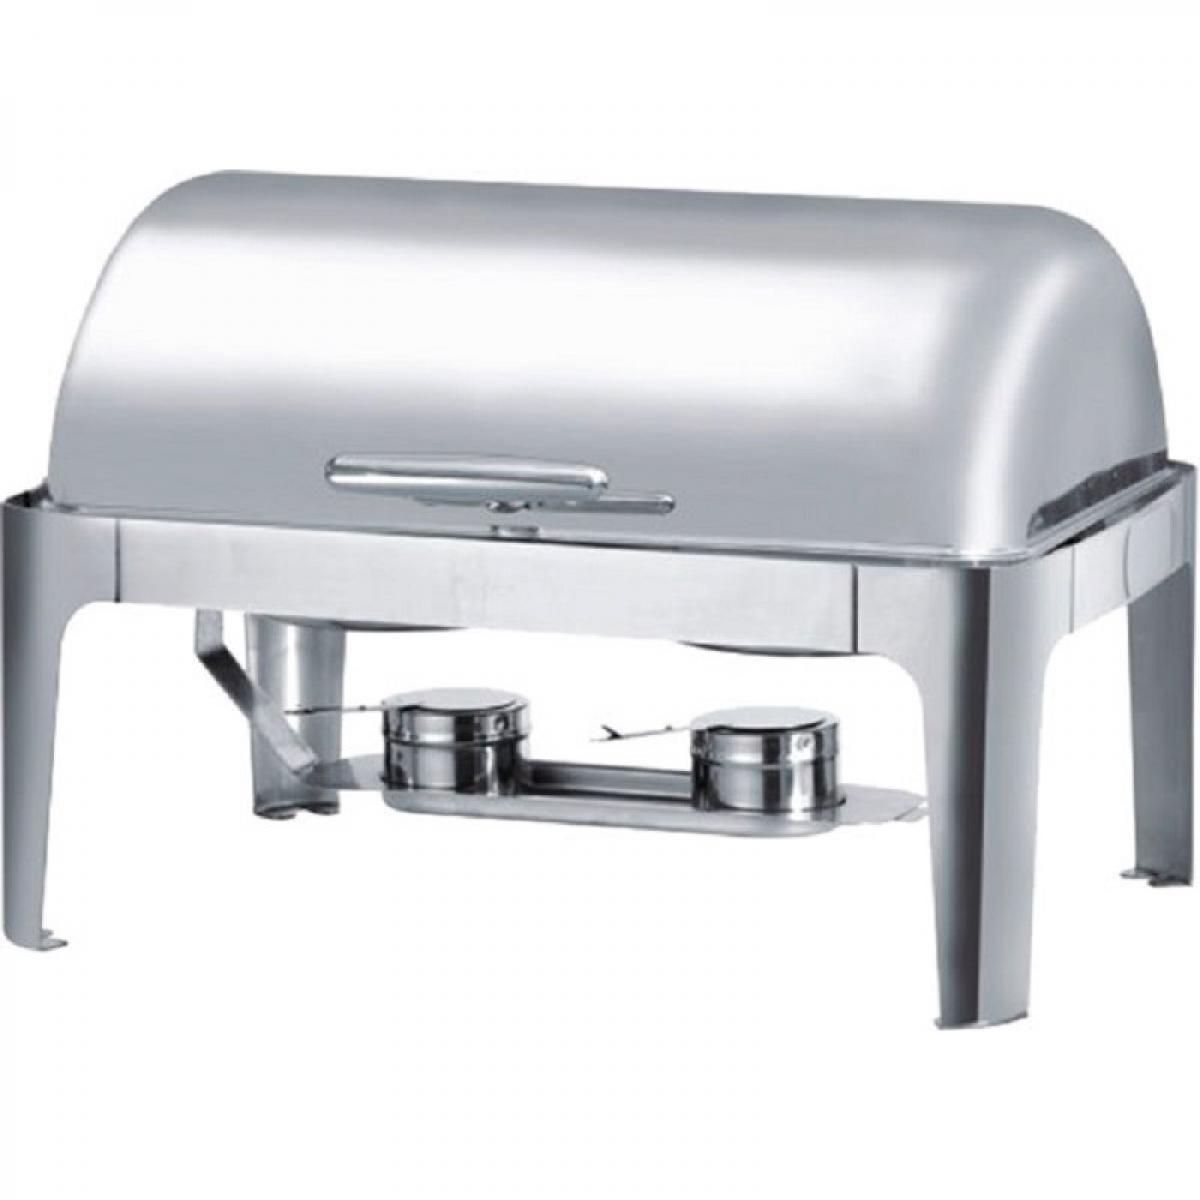 Atosa Chafing Dish GN 1/1 - Atosa -